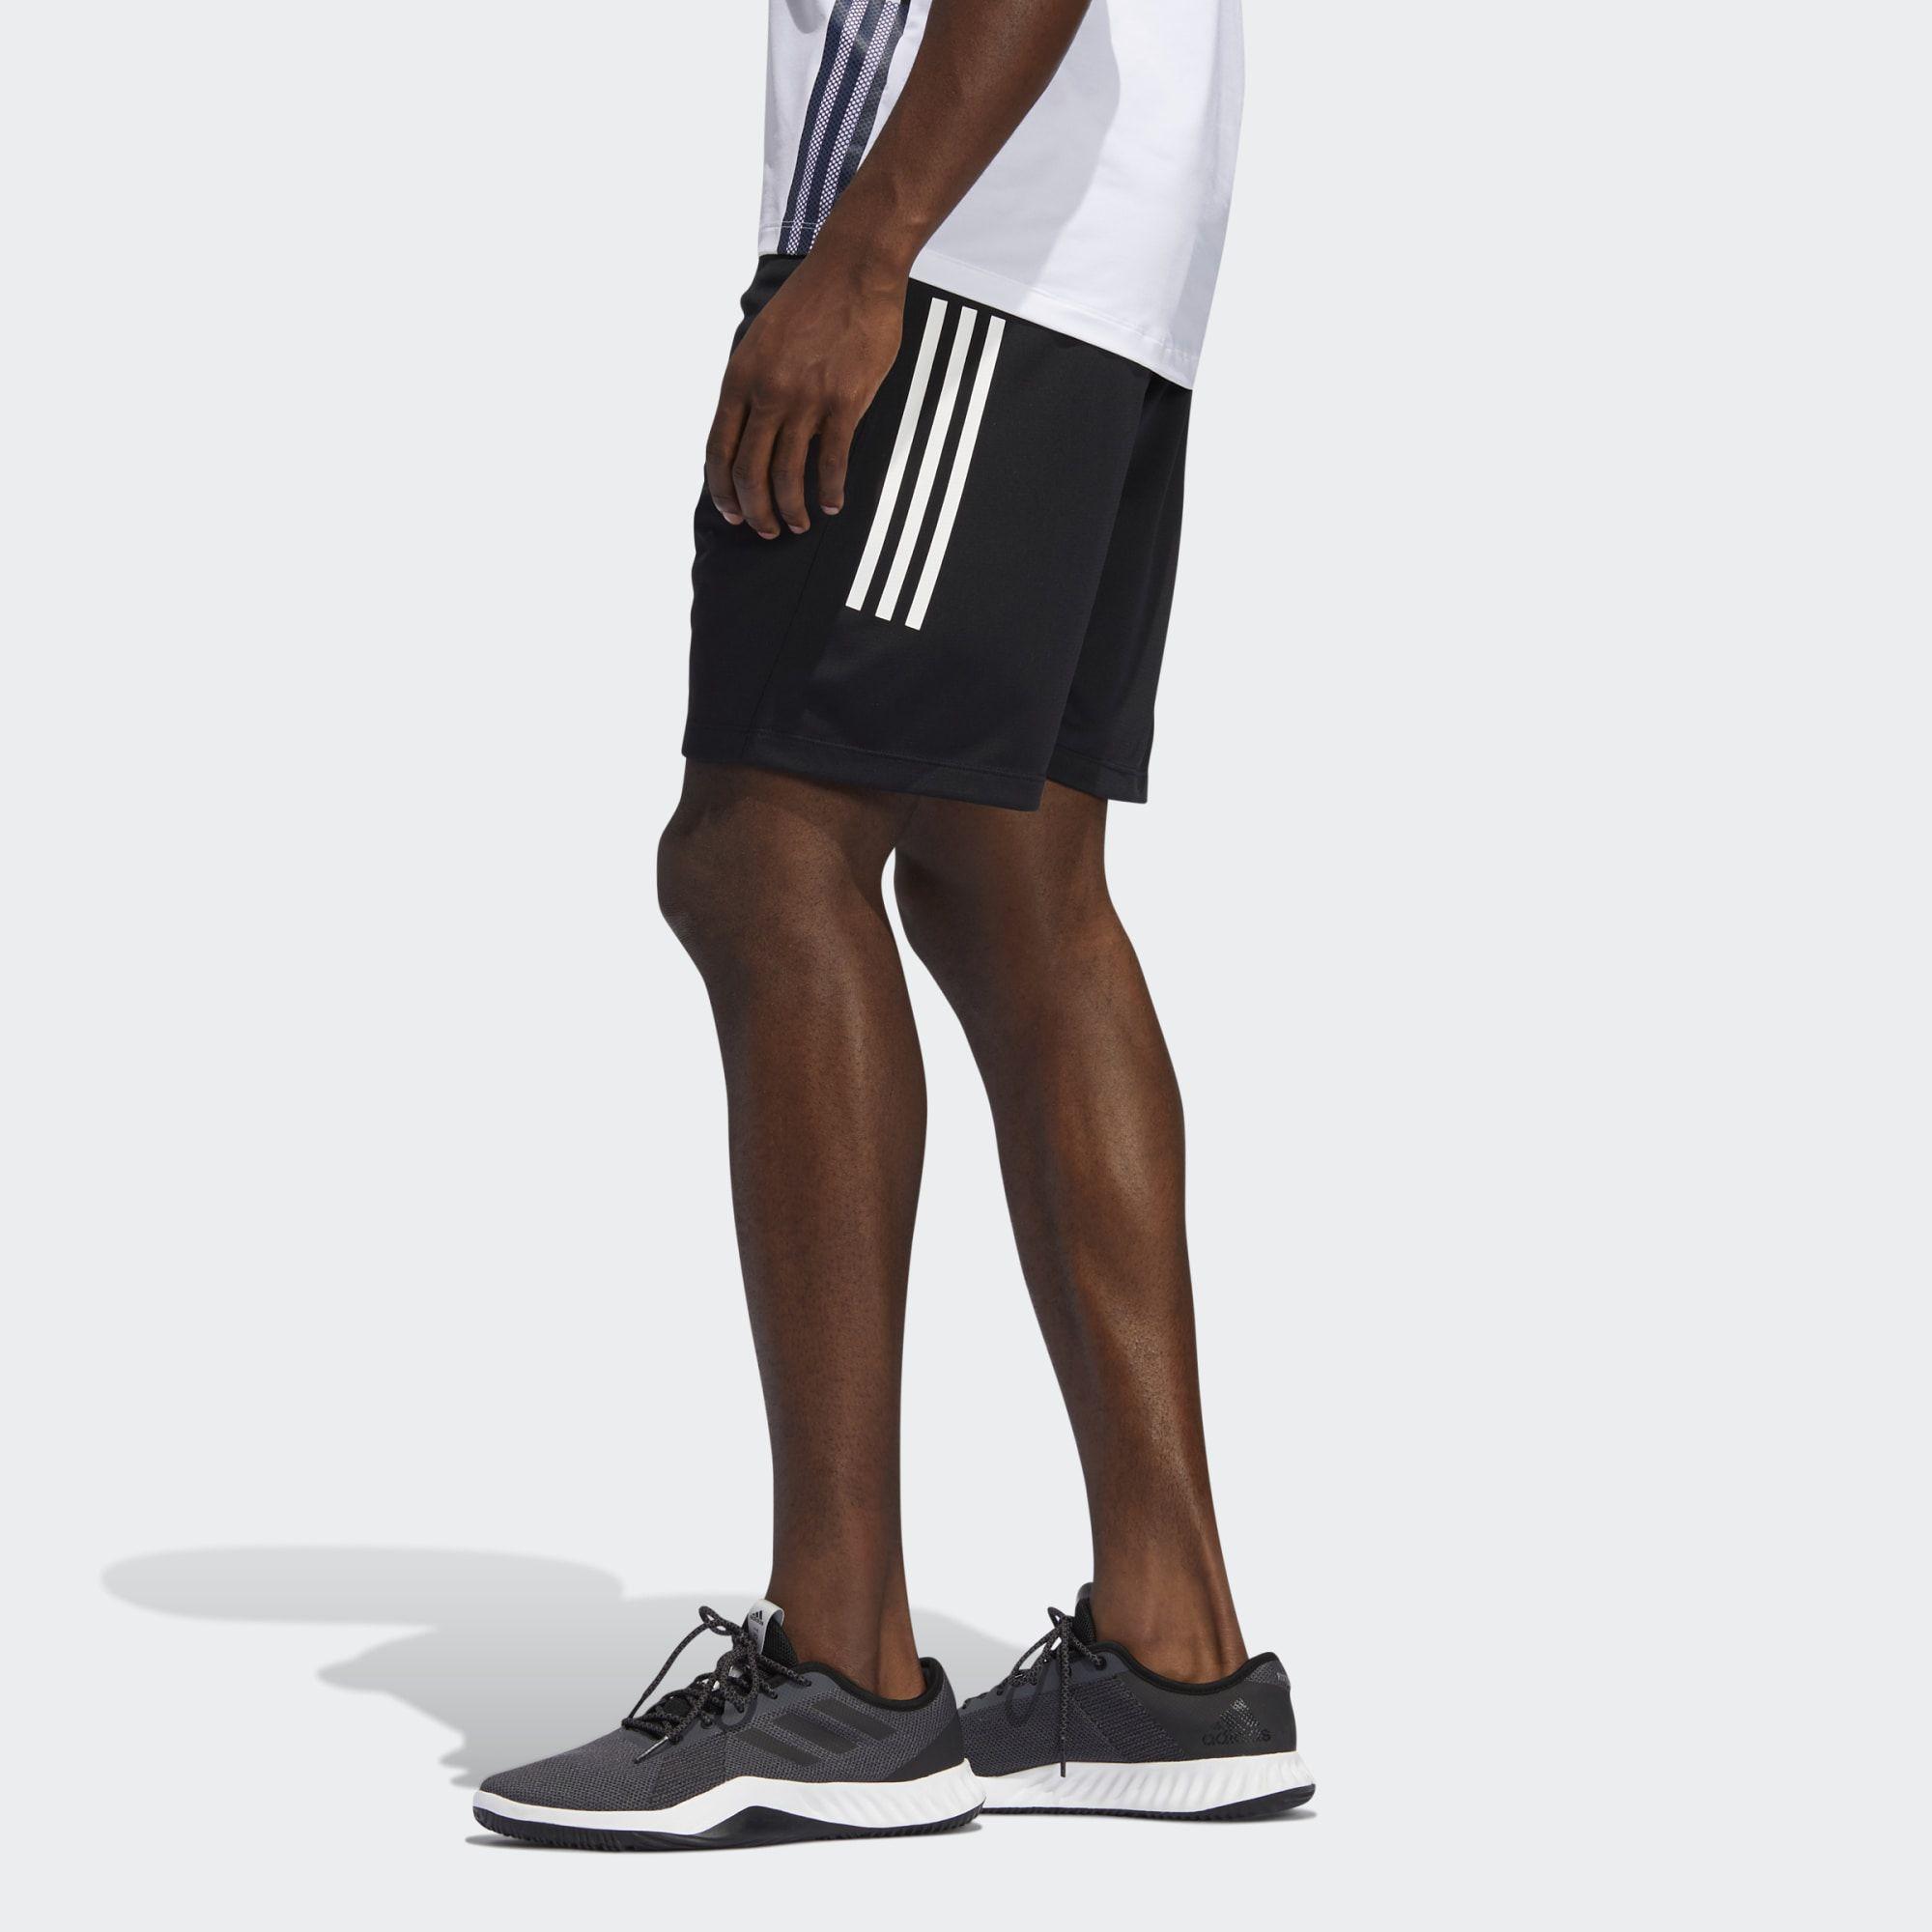 Shorts Adidas 3-Stripes 9-Inch